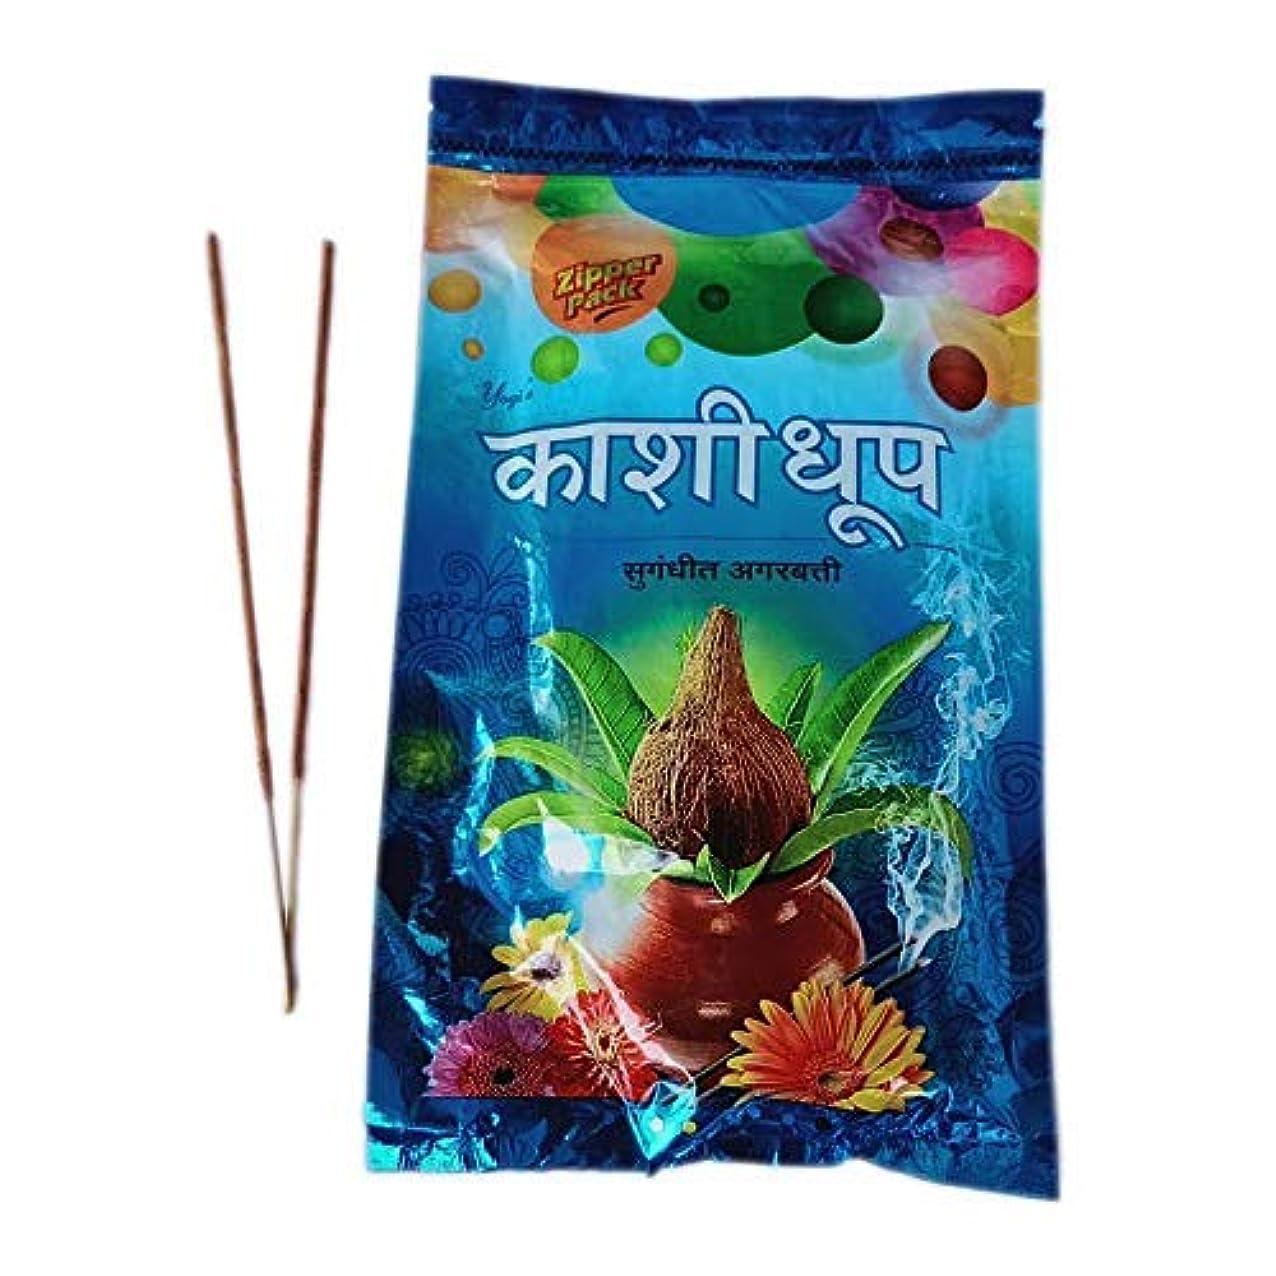 落胆させる侵略バンクYOGI Kashi Dhoop Incense Sticks/Agarbatti Zipper Pack (180 GM) Pack of 3